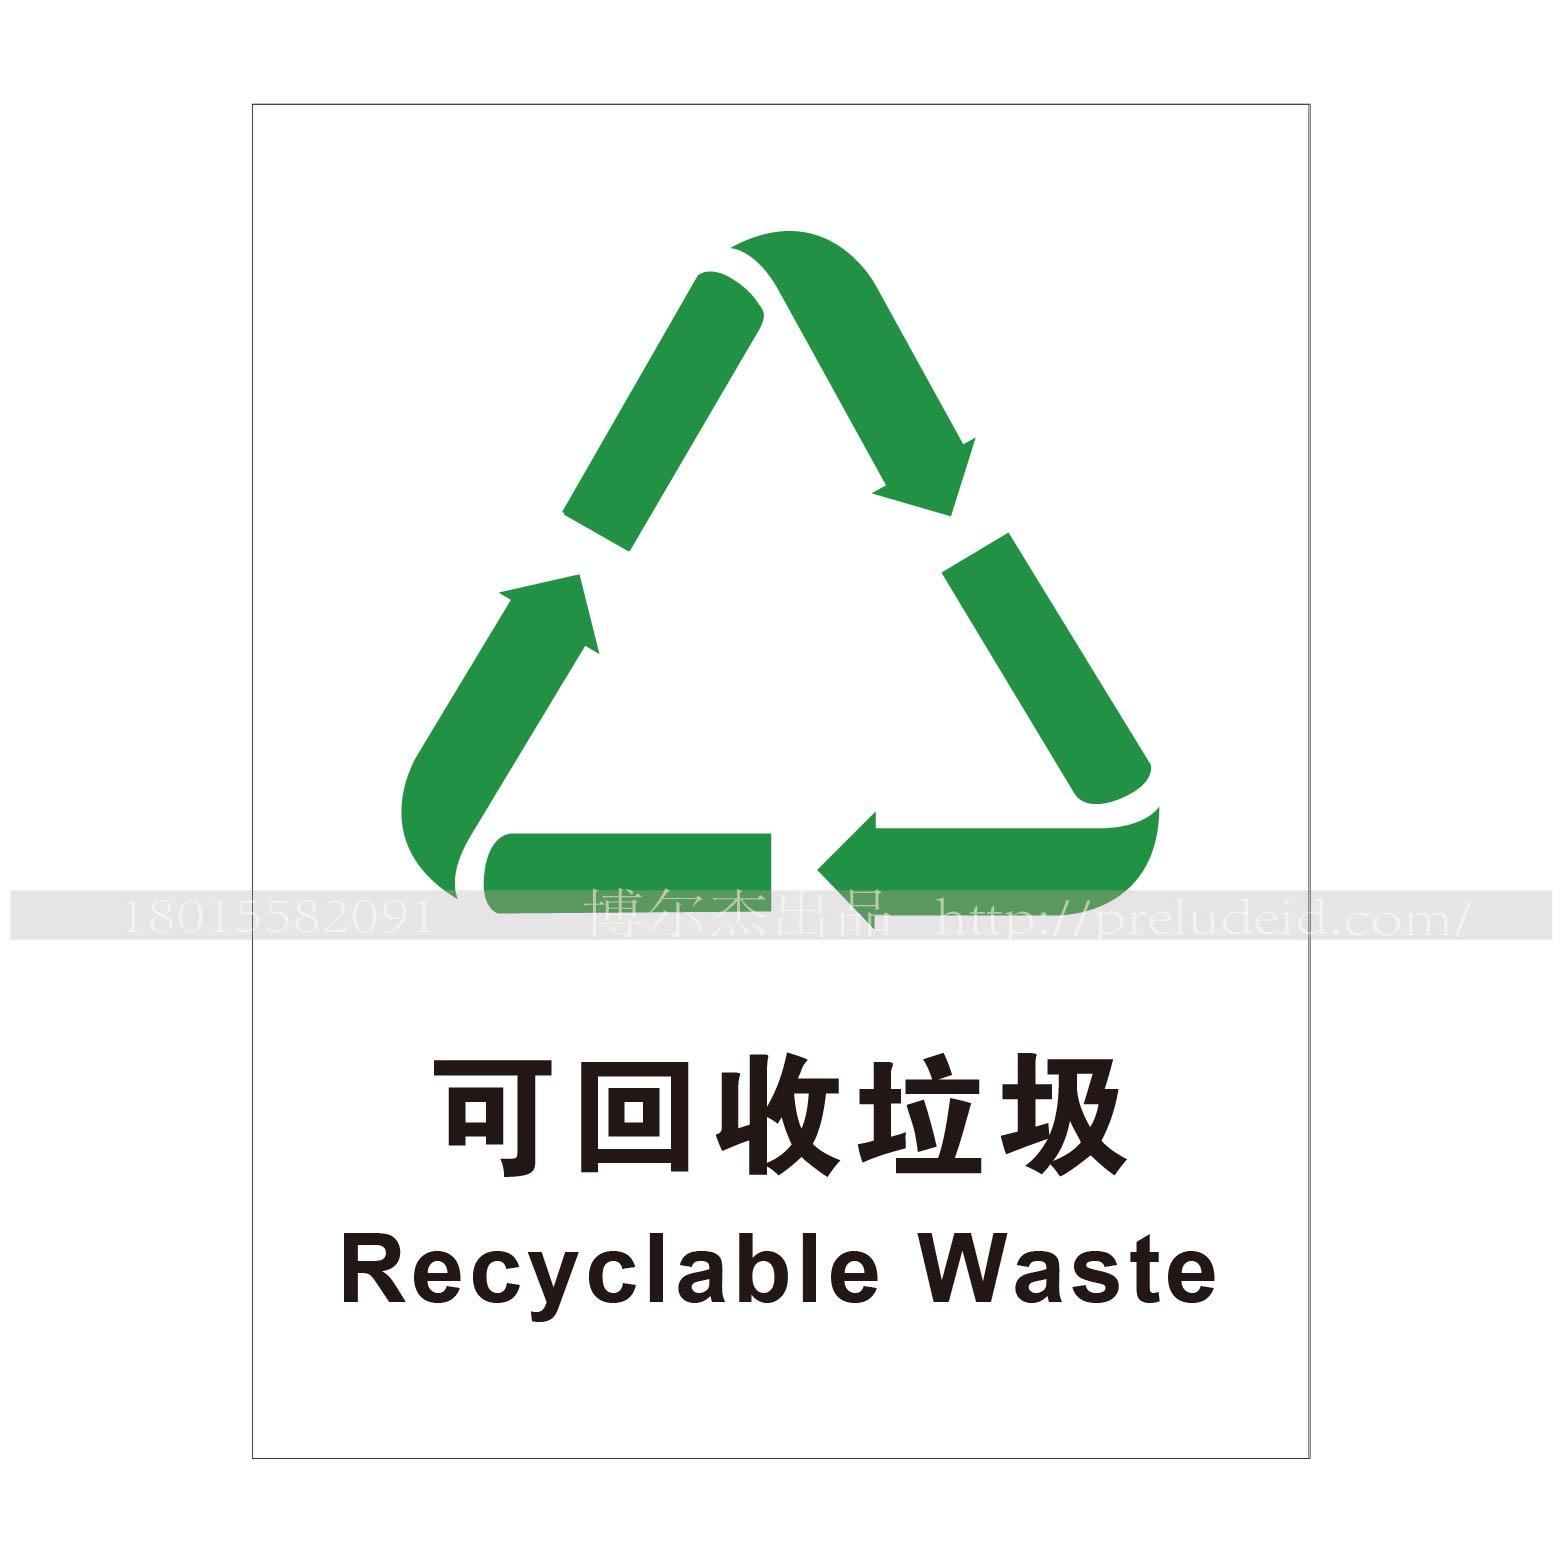 博尔杰城市生活垃圾分类可回收垃圾安全指示牌标识牌标签提示牌告示牌安全